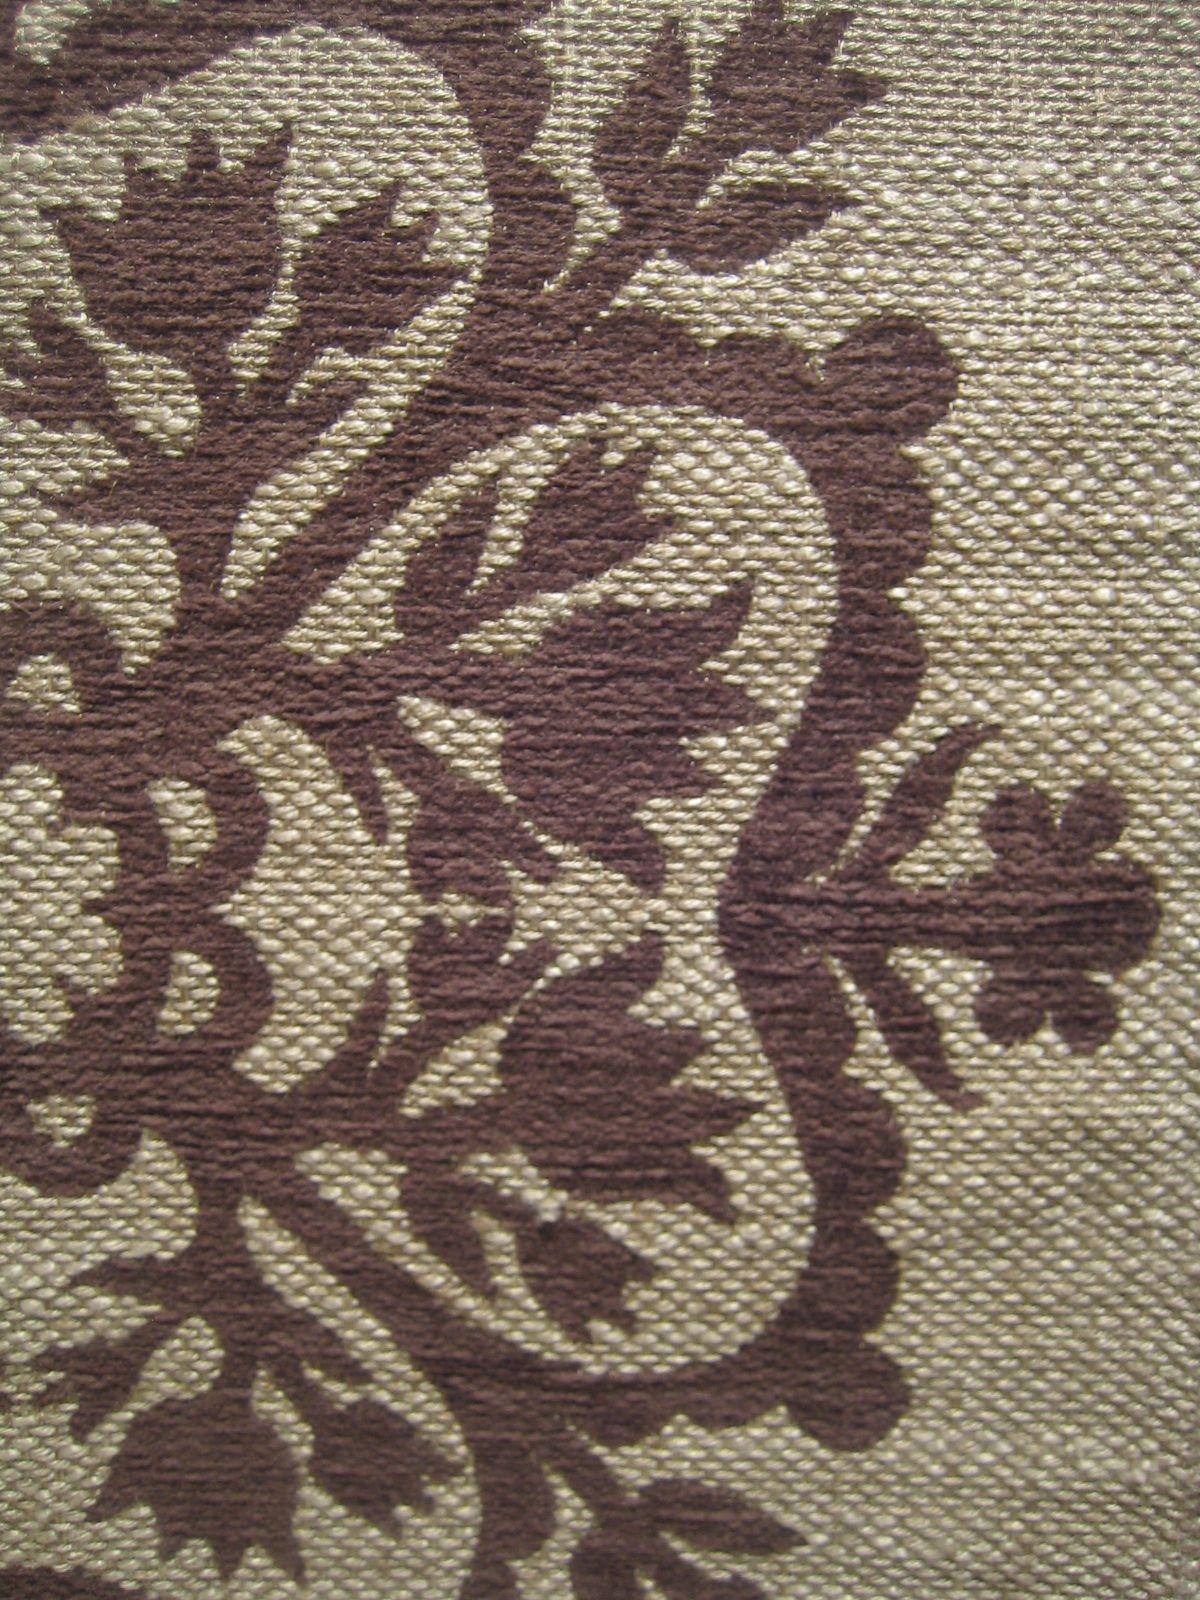 A Casa Di Babette tessuti arredamento a milano - la casa di babette, luogo